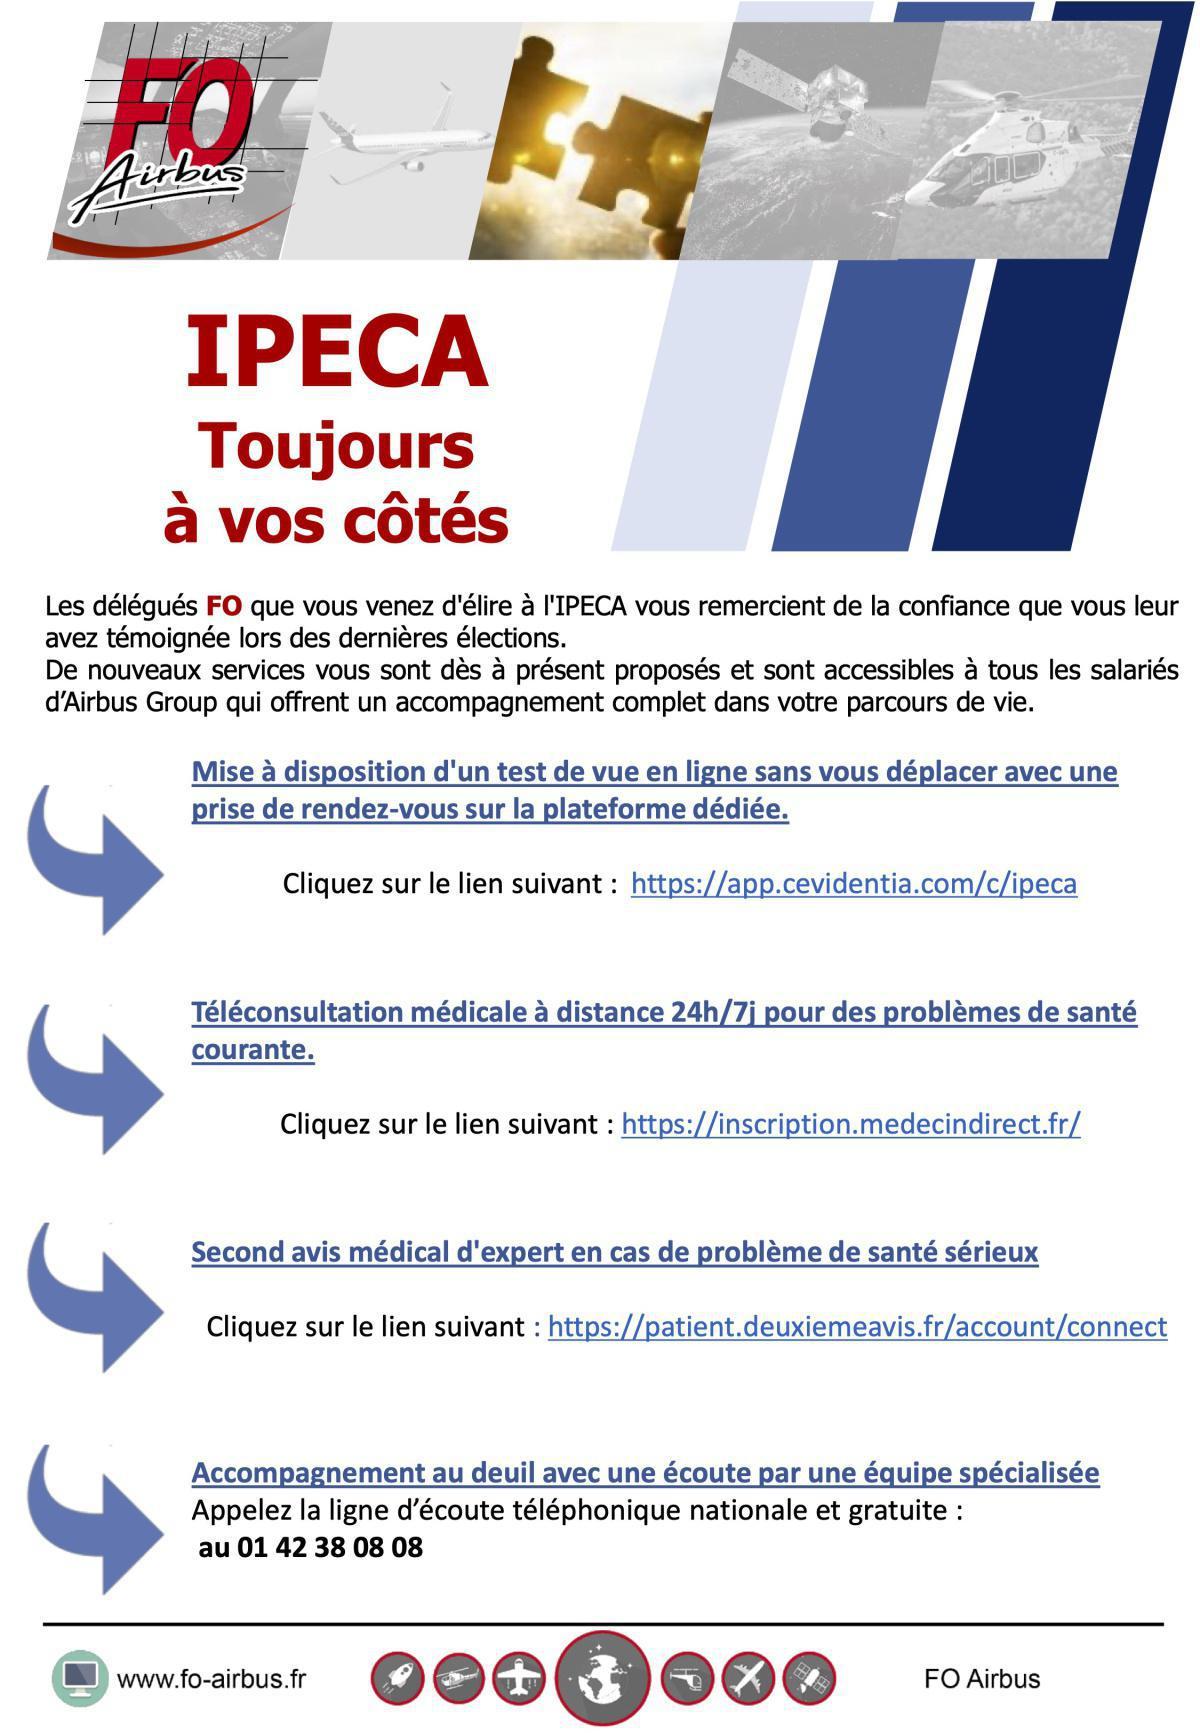 IPECA Toujours à vos côtés